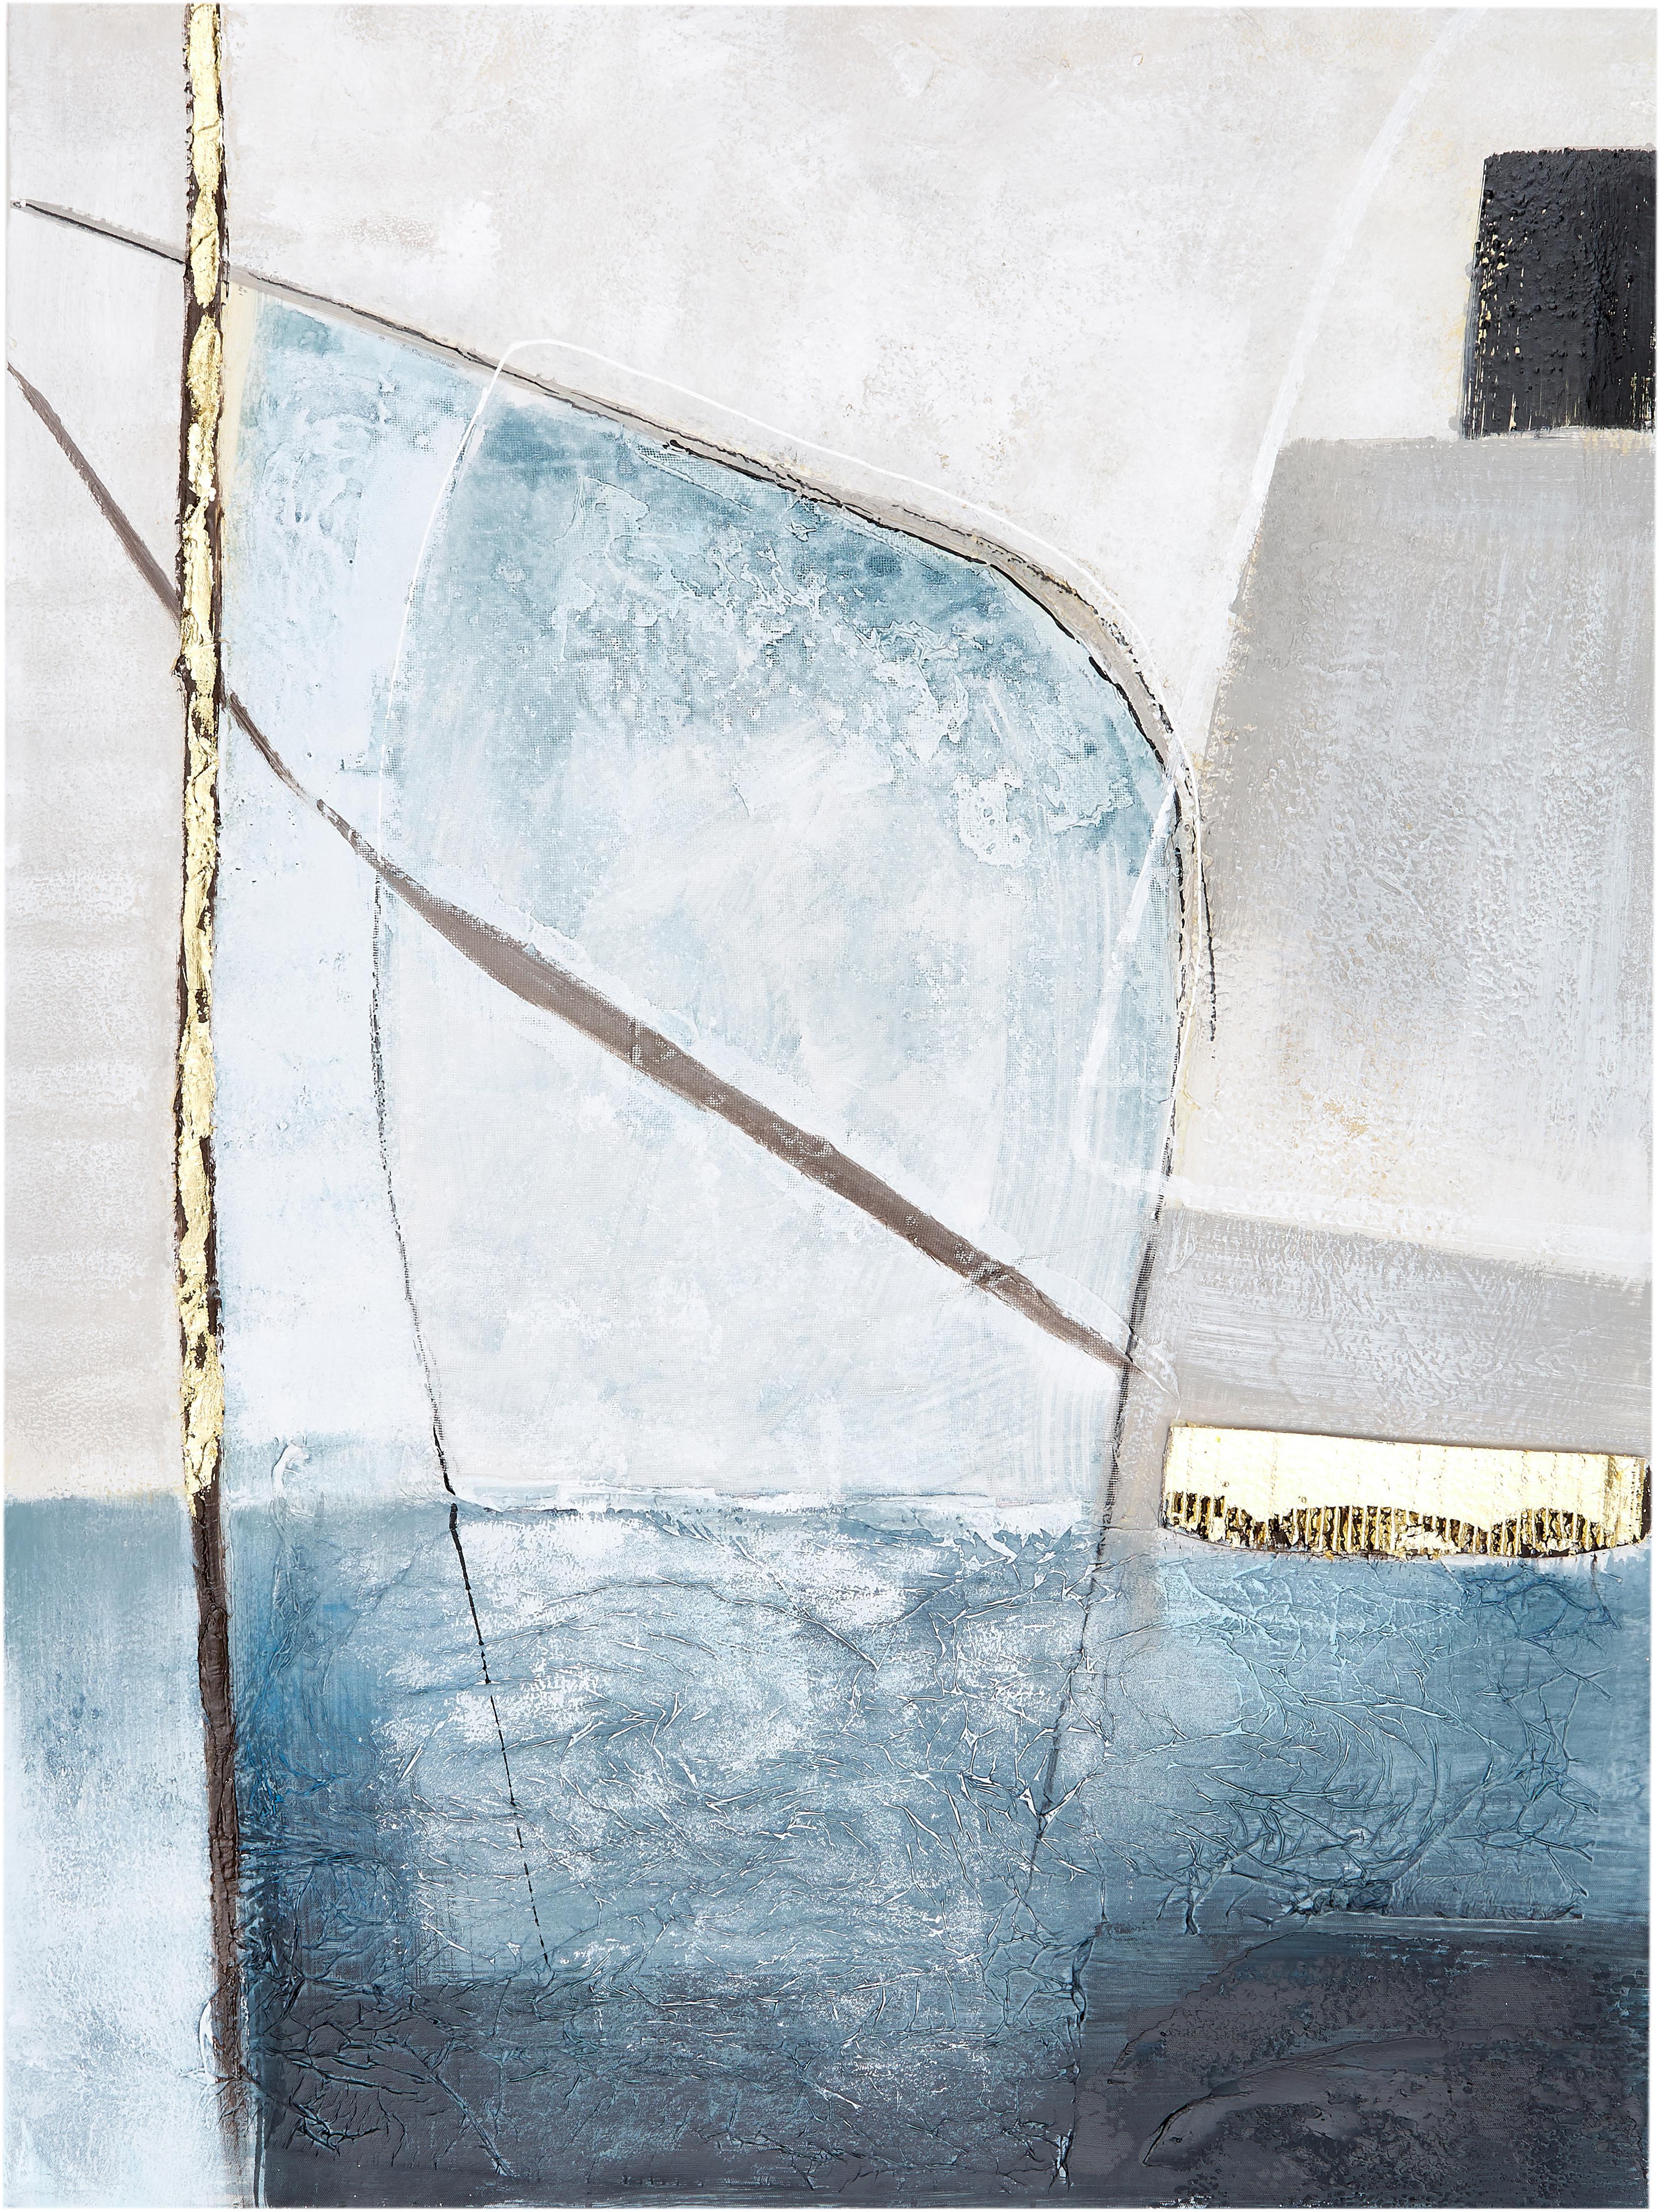 Handgeschilderde canvasdoek Golden Blue II, Afbeelding: olieverf op linnen (300 g, Multicolour, 90 x 120 cm